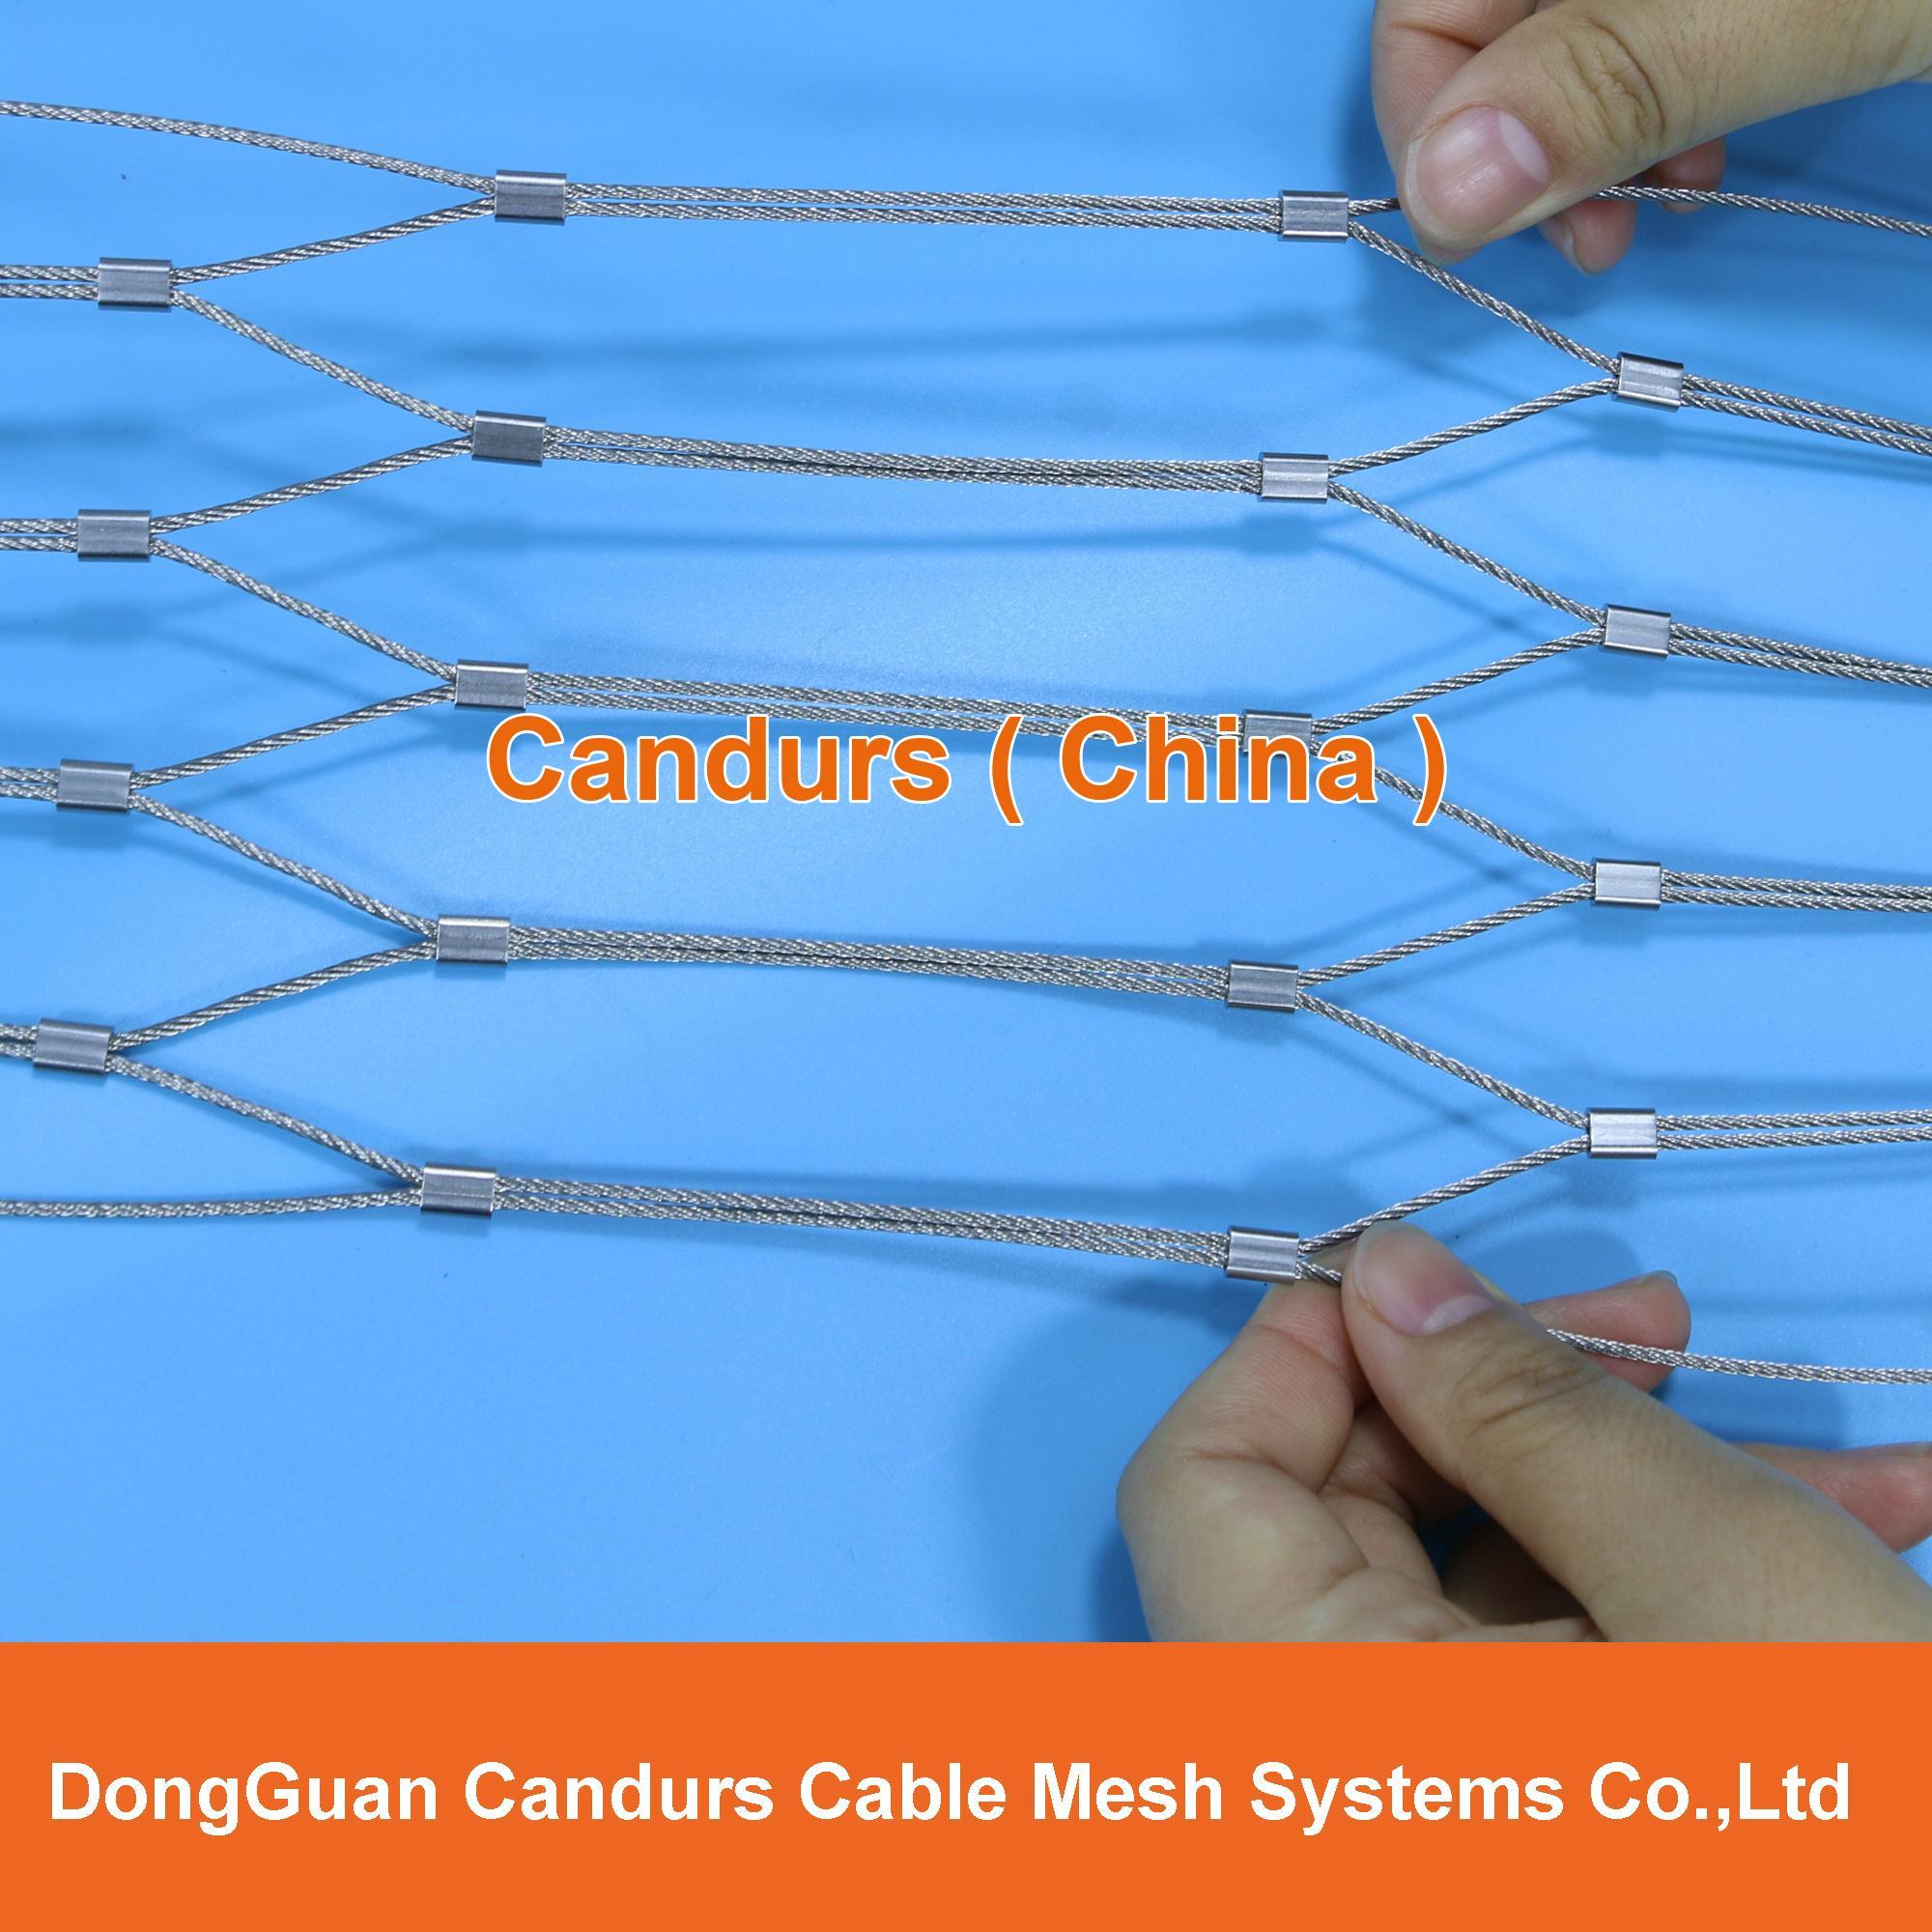 供應不鏽鋼壓扣鋼絲繩網 17